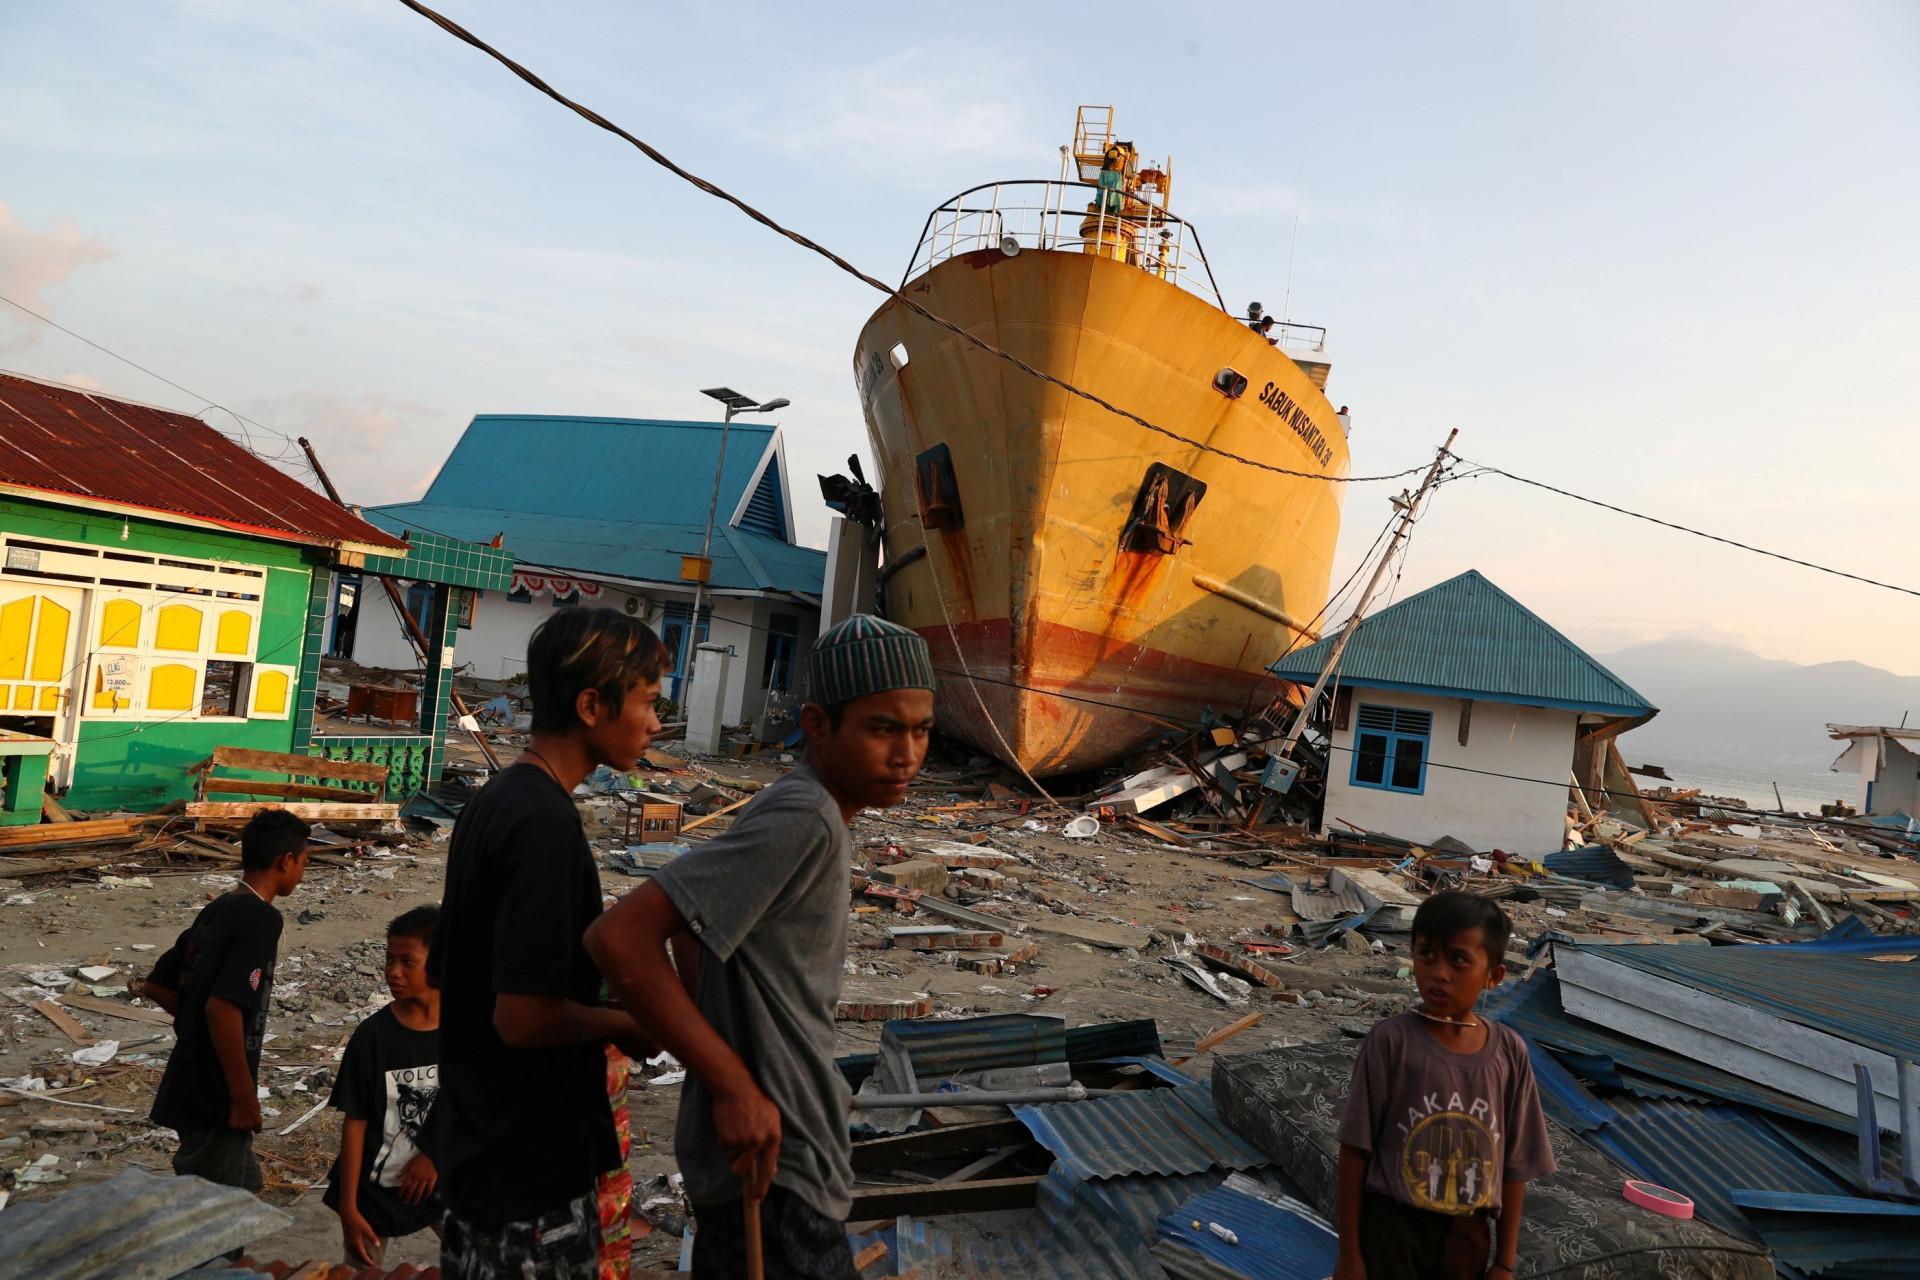 As imagens da devastação deixada pelo sismo e maremoto na Indonésia